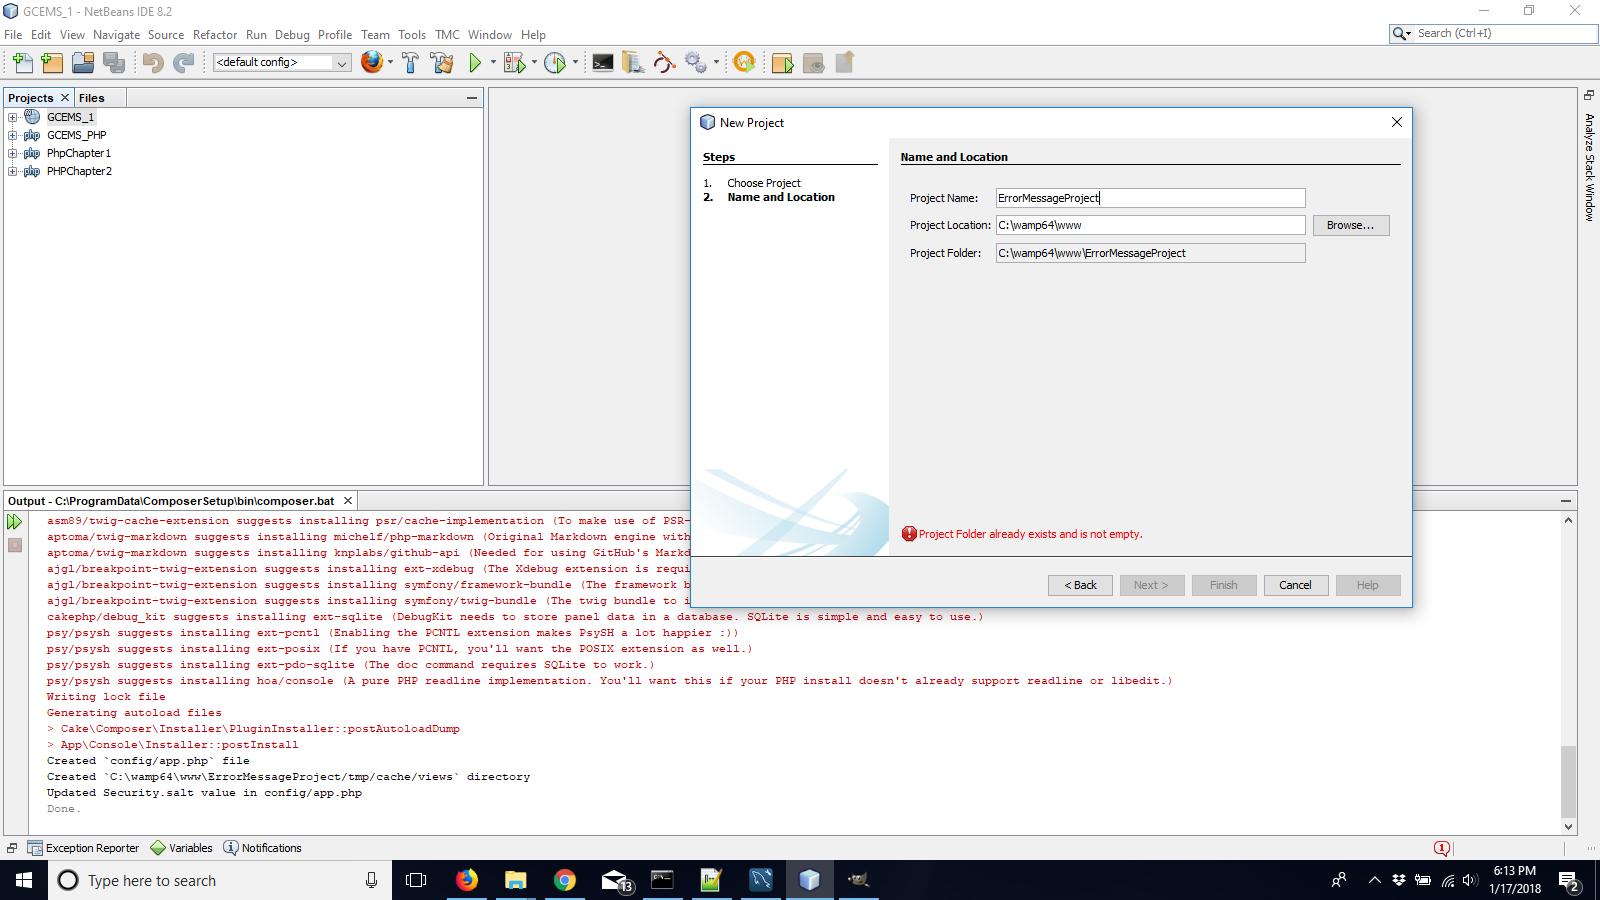 Error when creating a new CakePHP3 Framework app in NetBeans